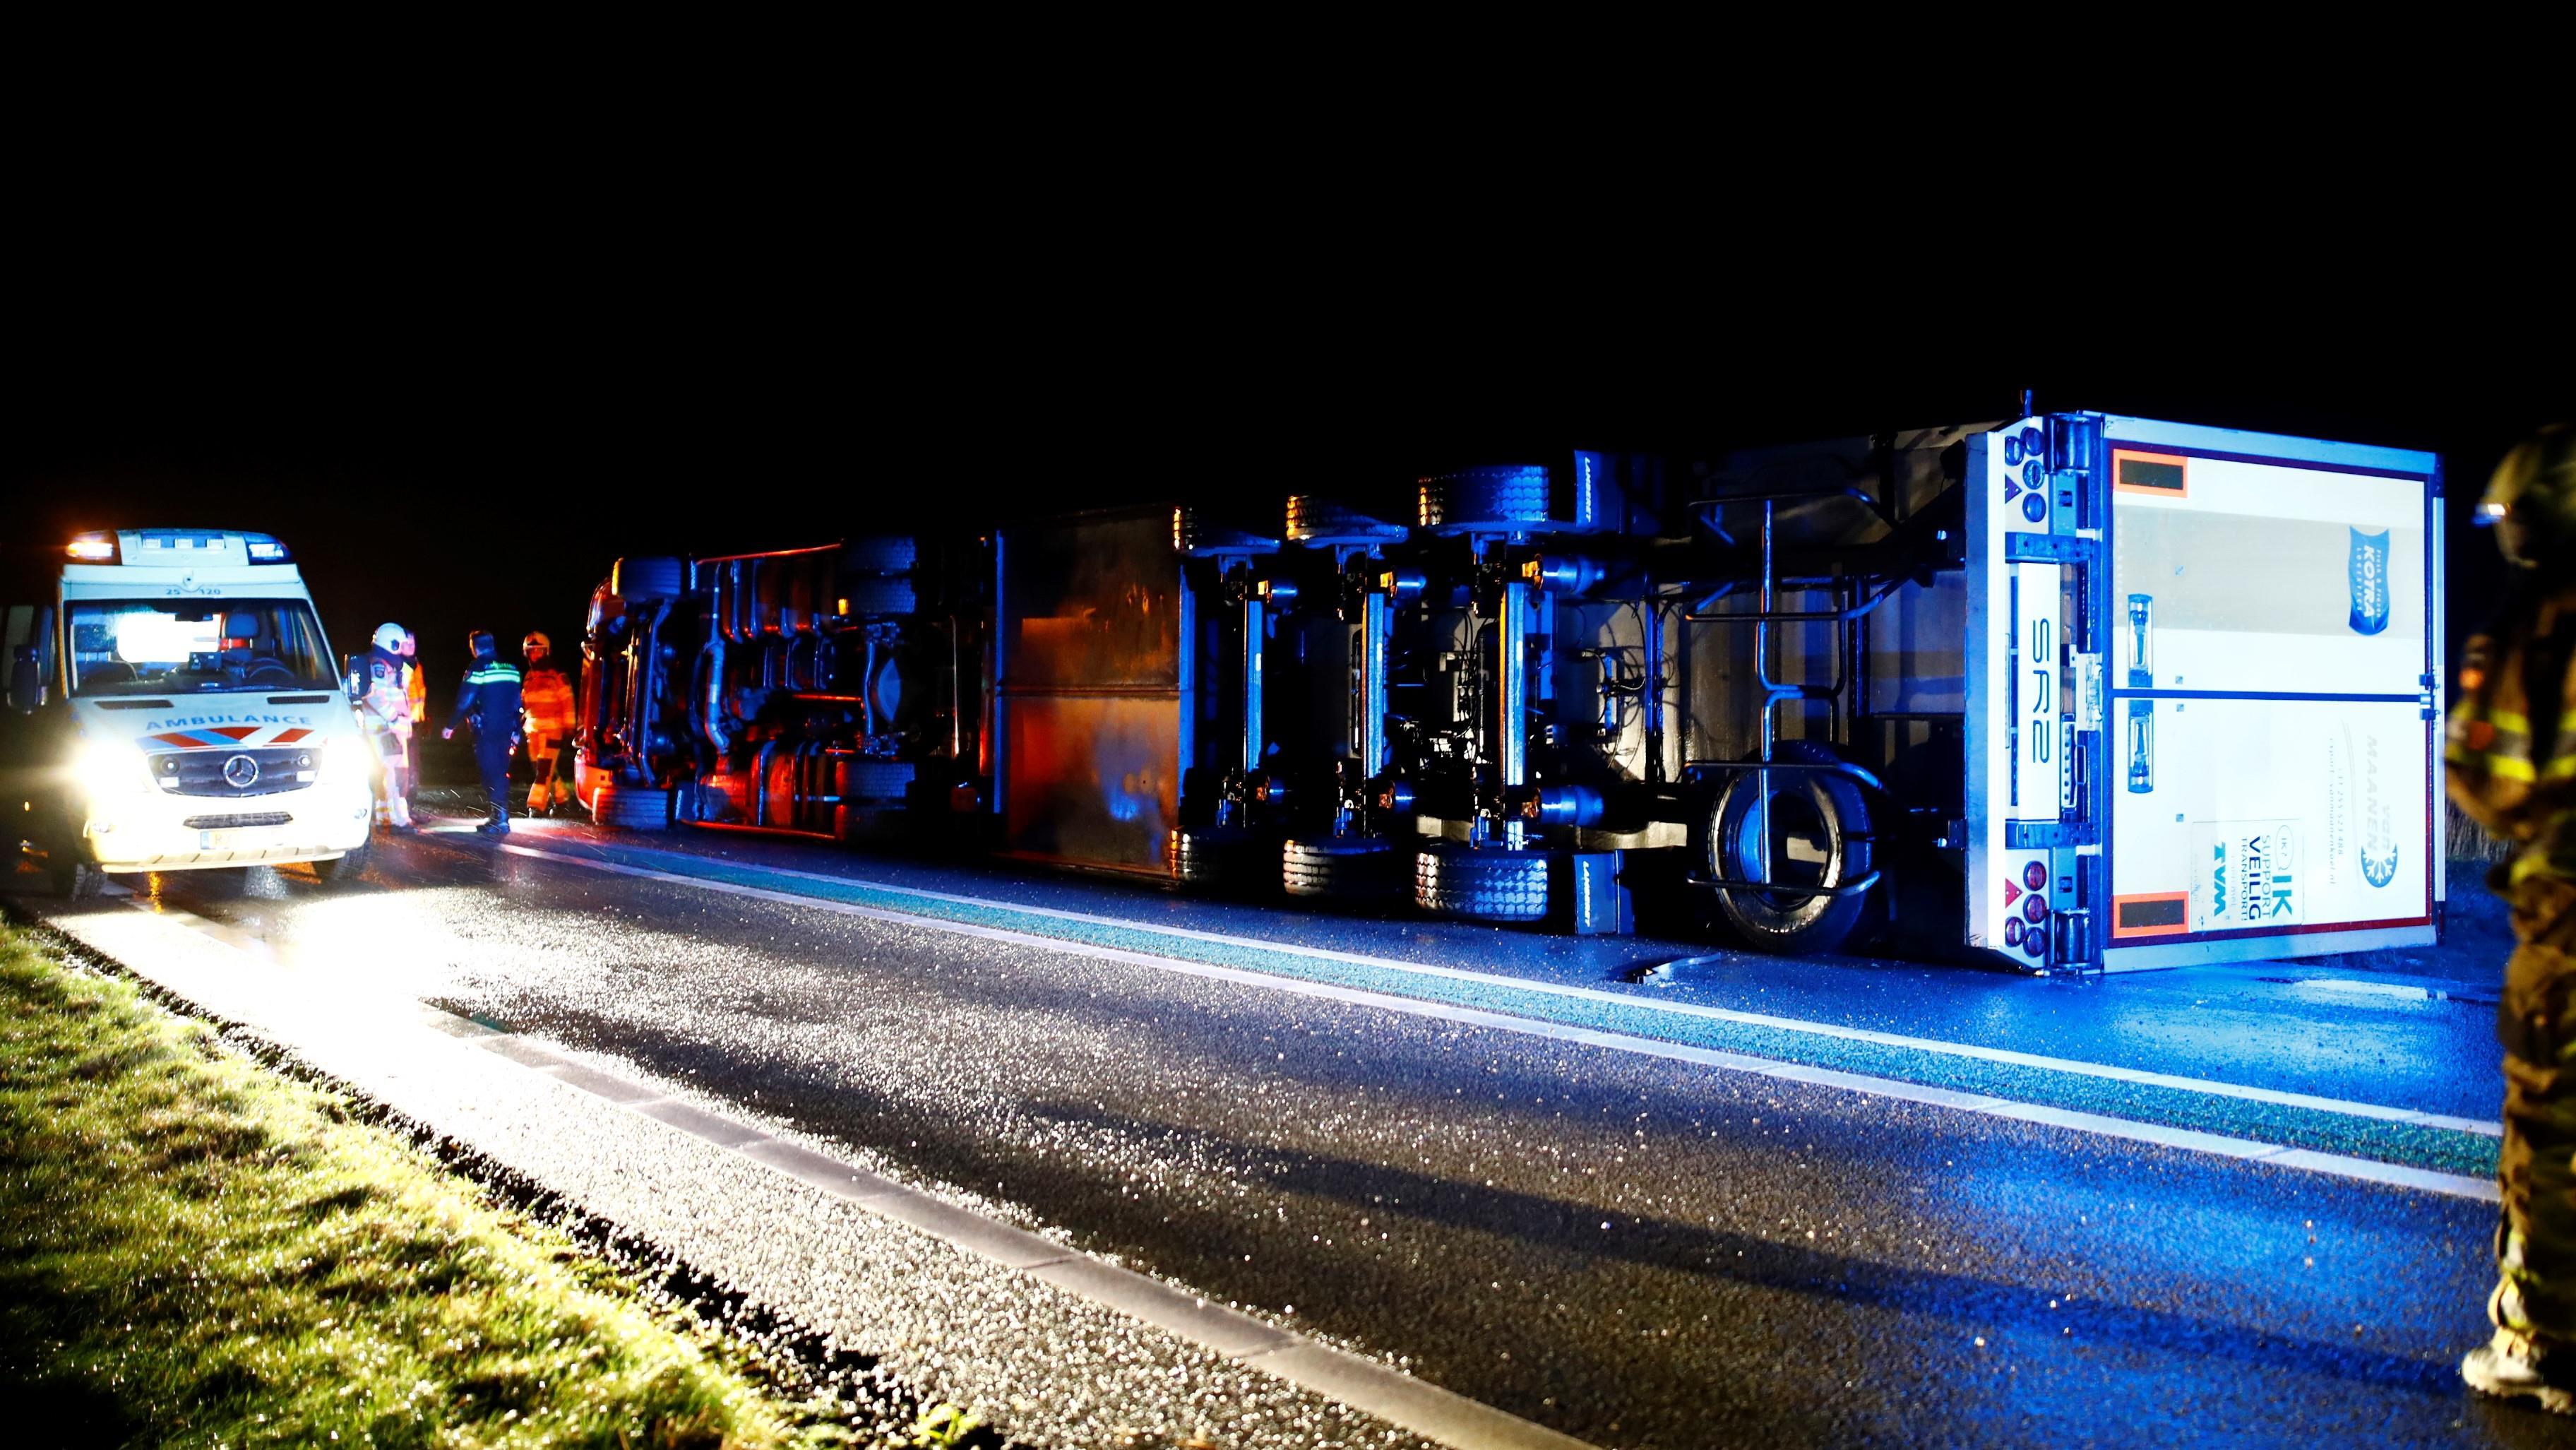 Vrachtwagen gekanteld op de N50, weg in beide richtingen afgesloten.